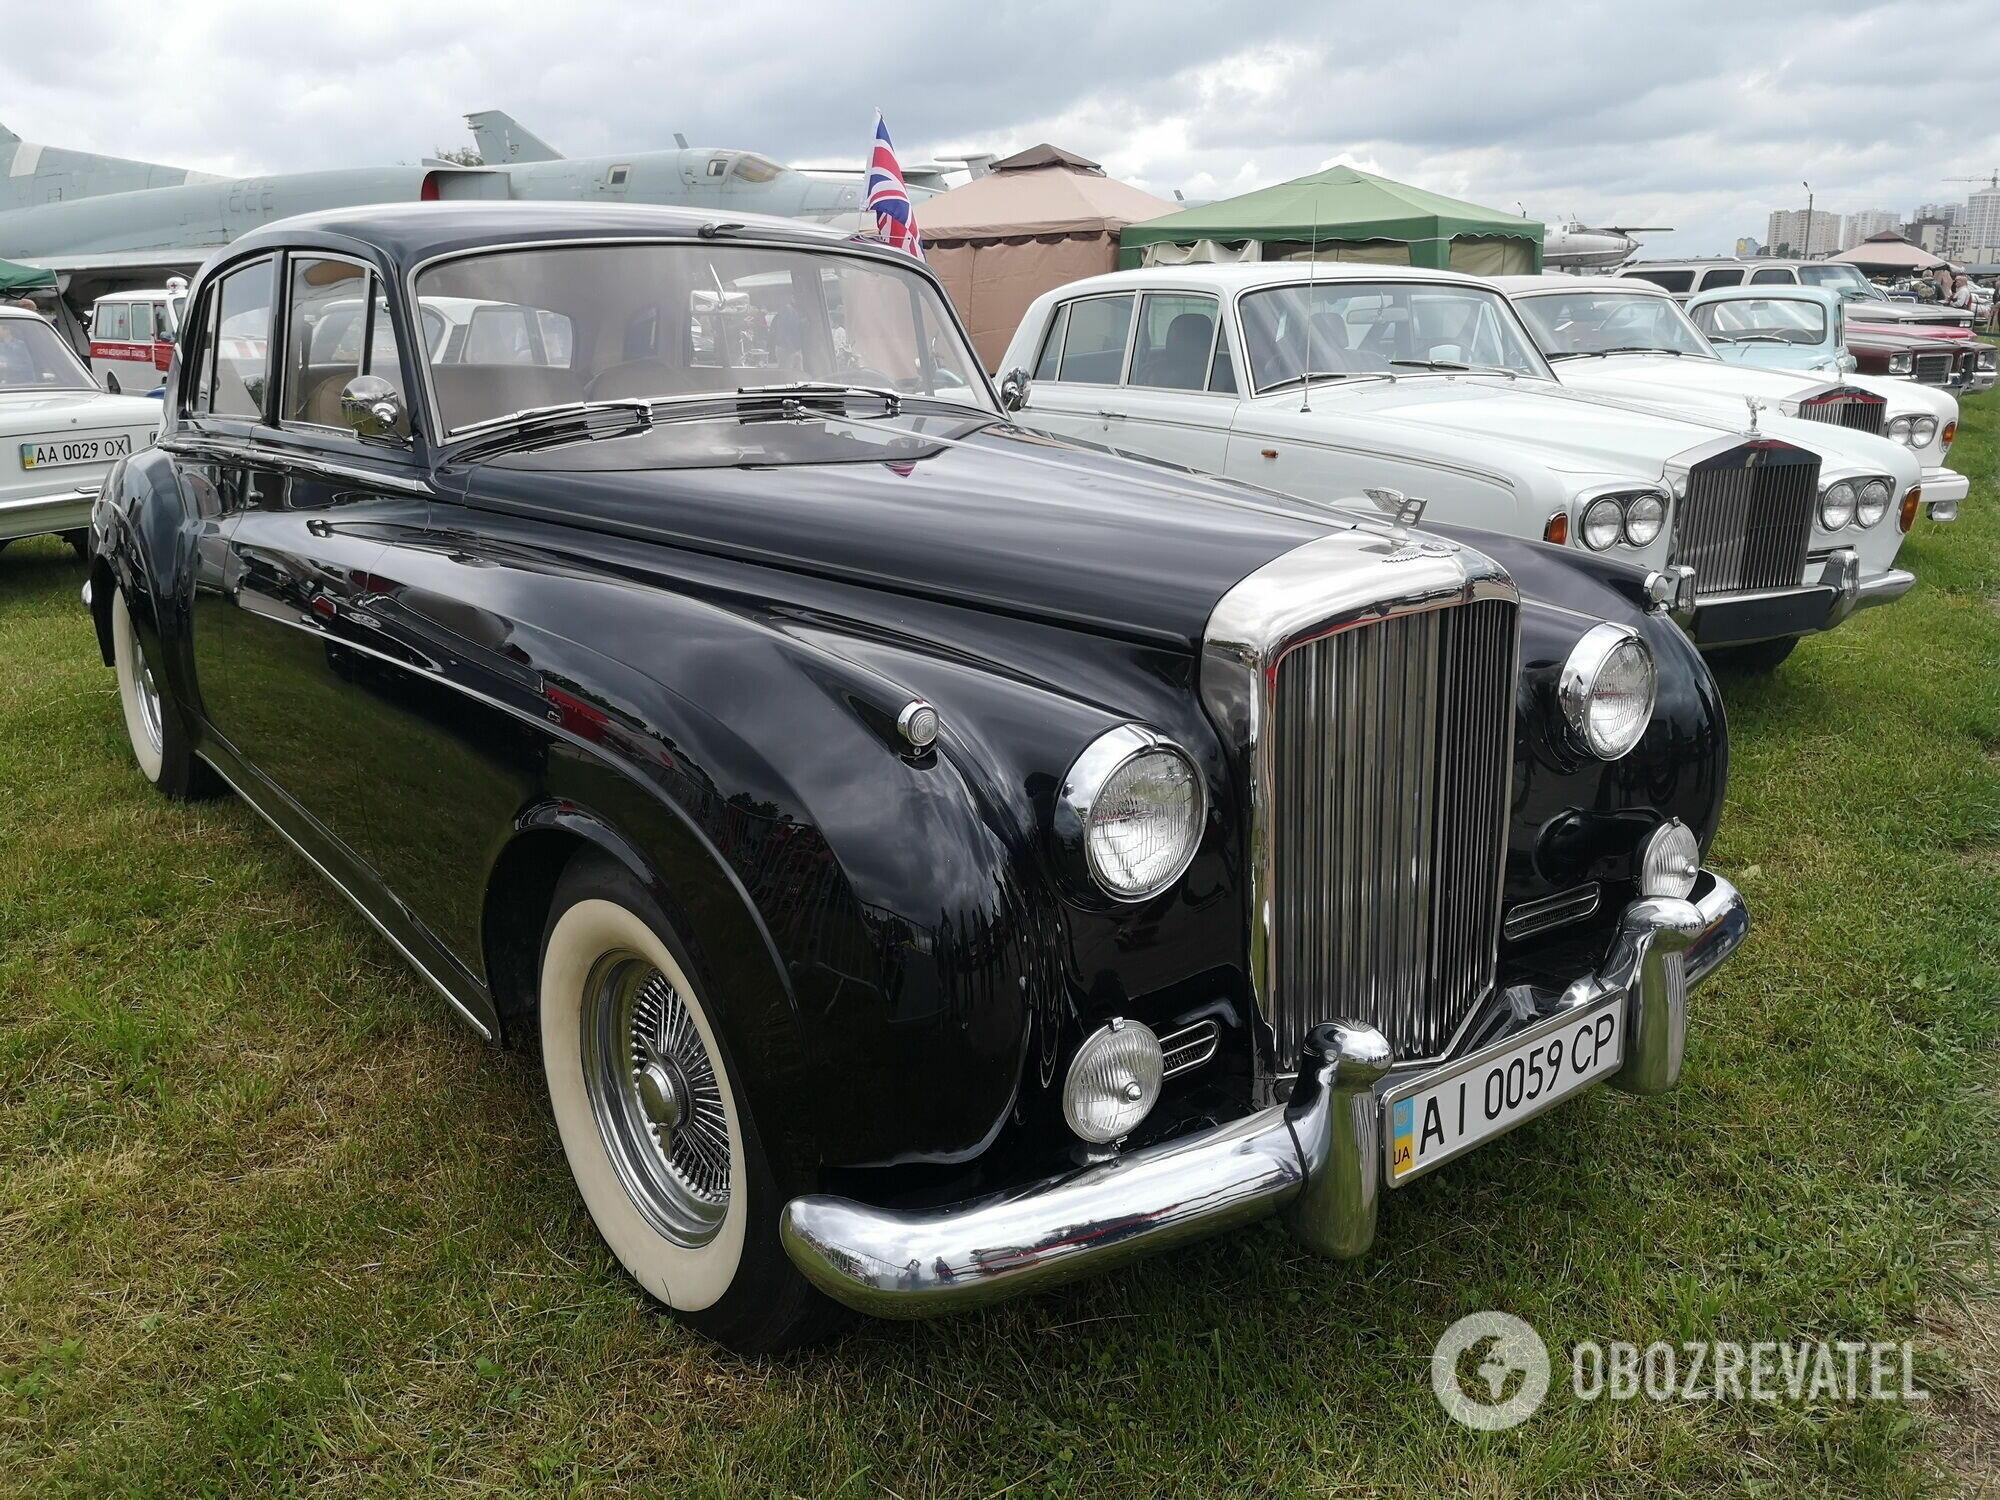 Bentley 1959 выпуска, принадлежавший семье из окружения американского президента Джона Кеннеди